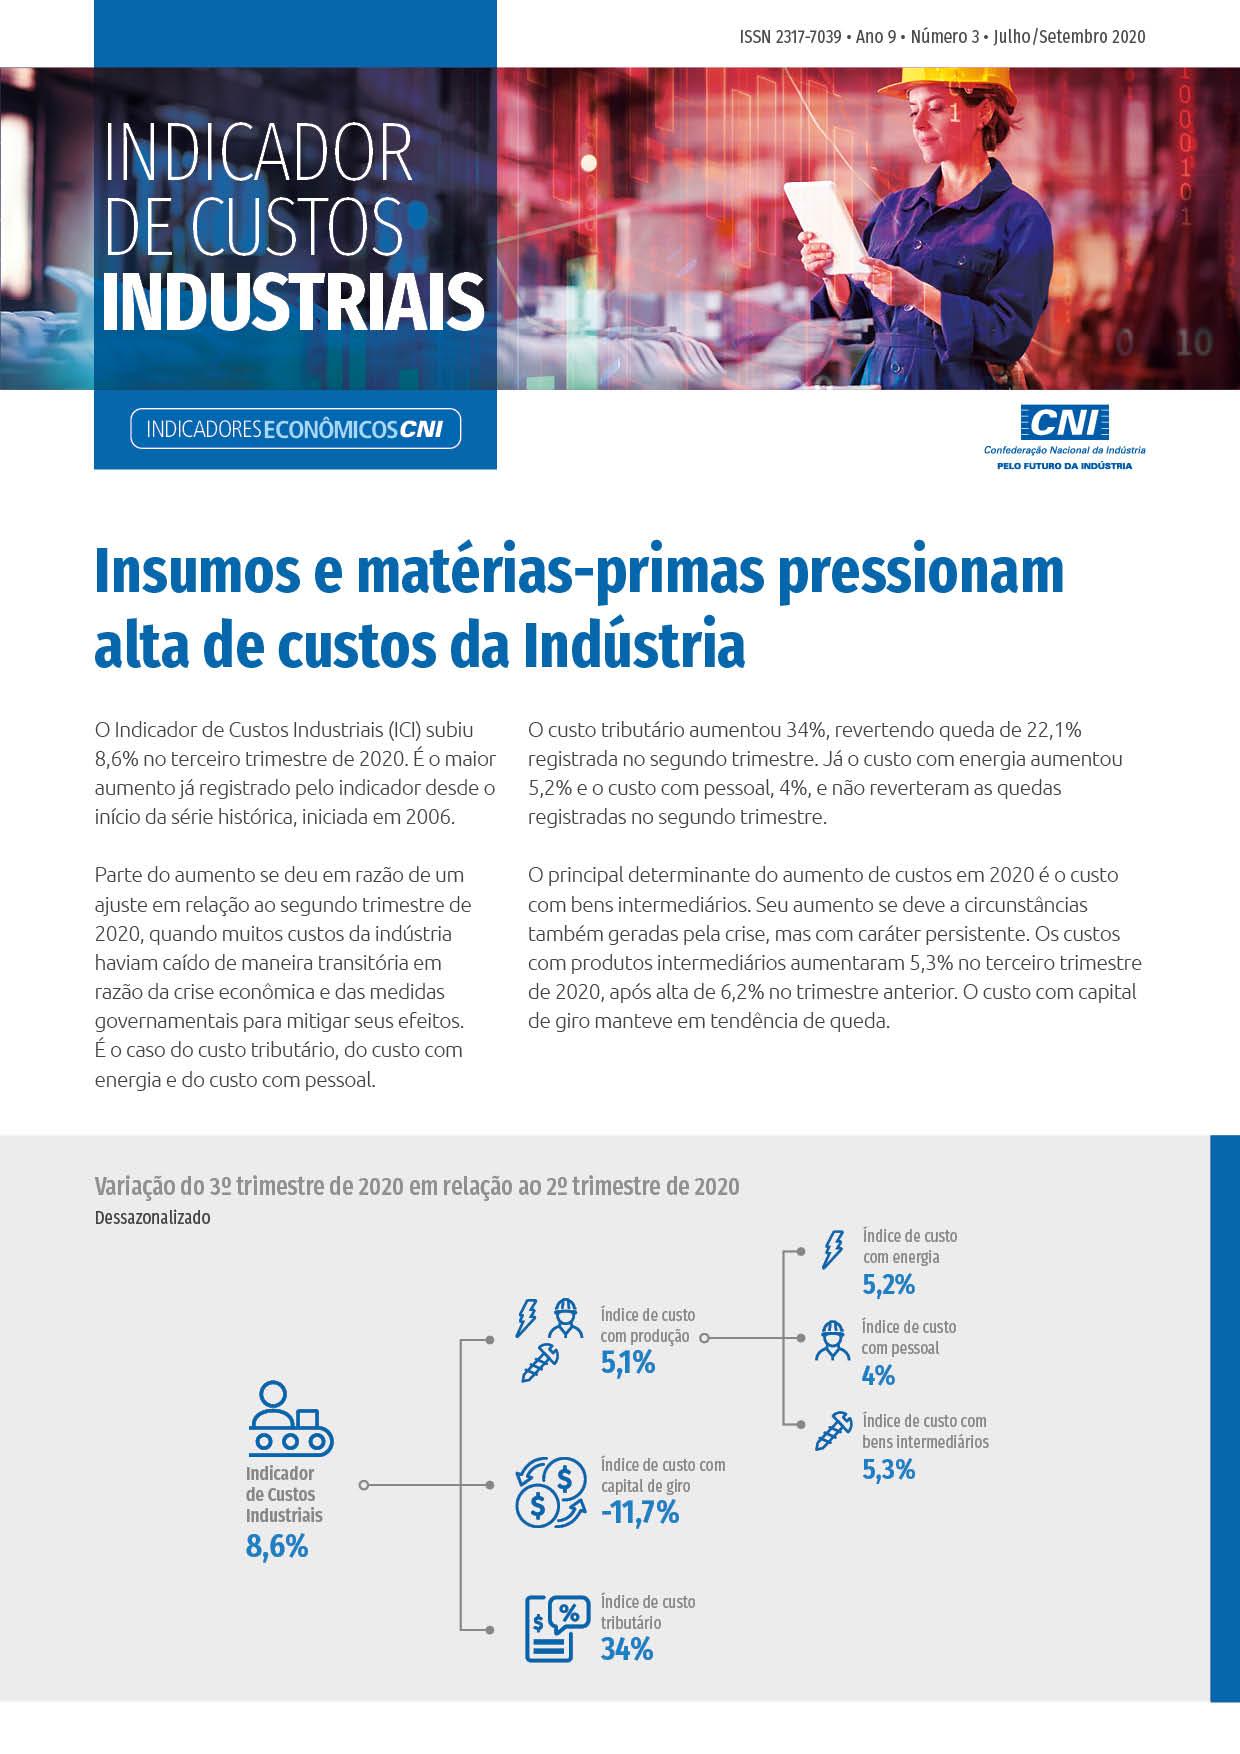 Indicador de Custos Industriais